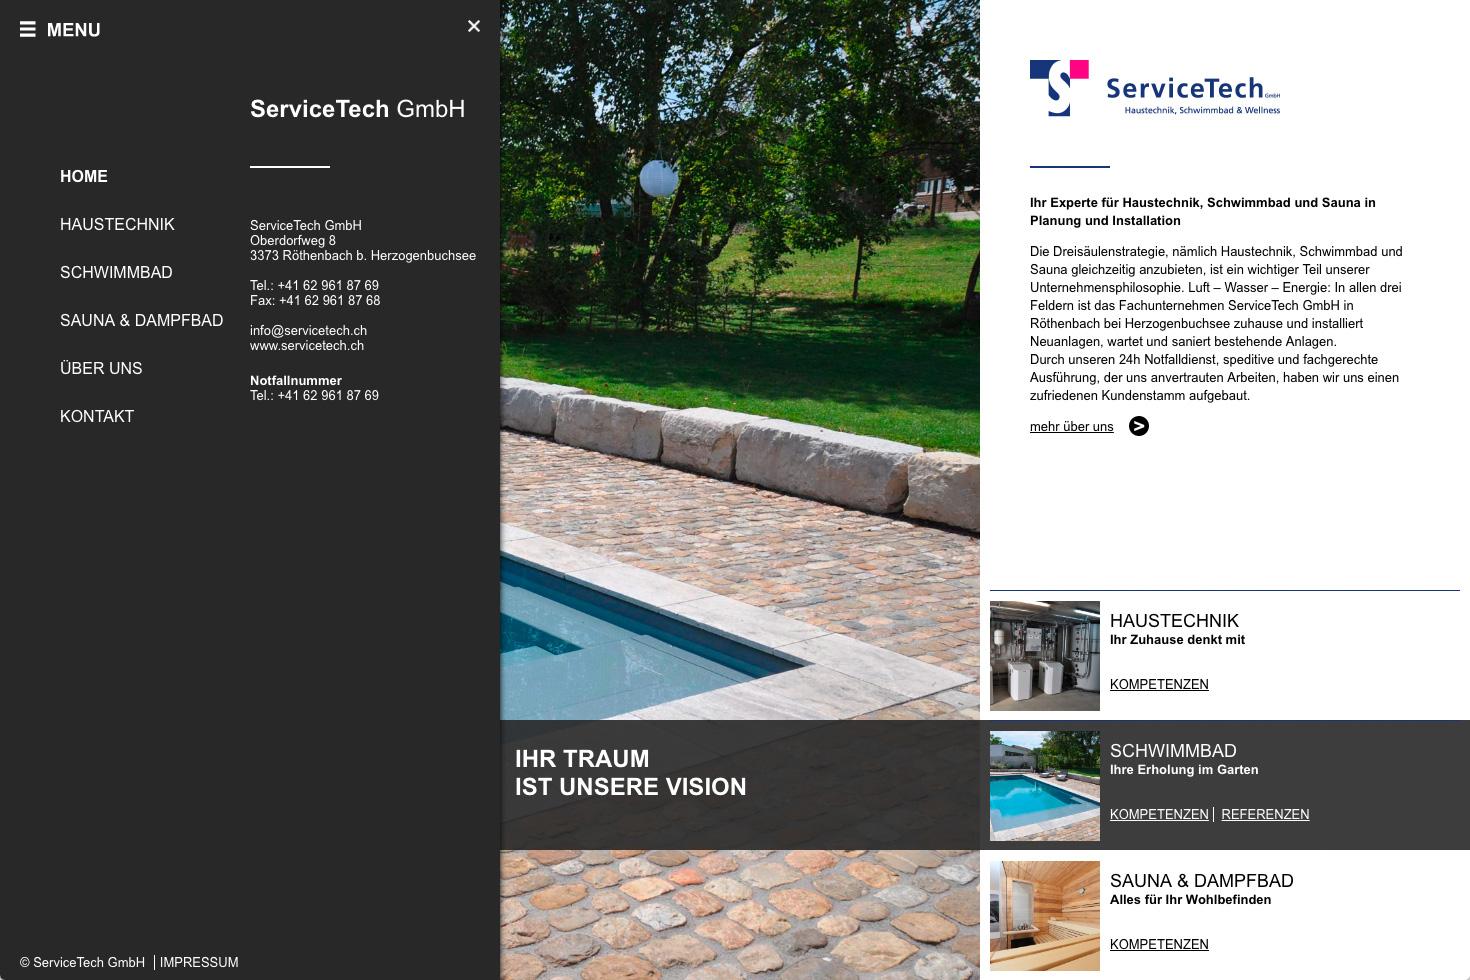 Bild 2 vom ServiceTech Webseite